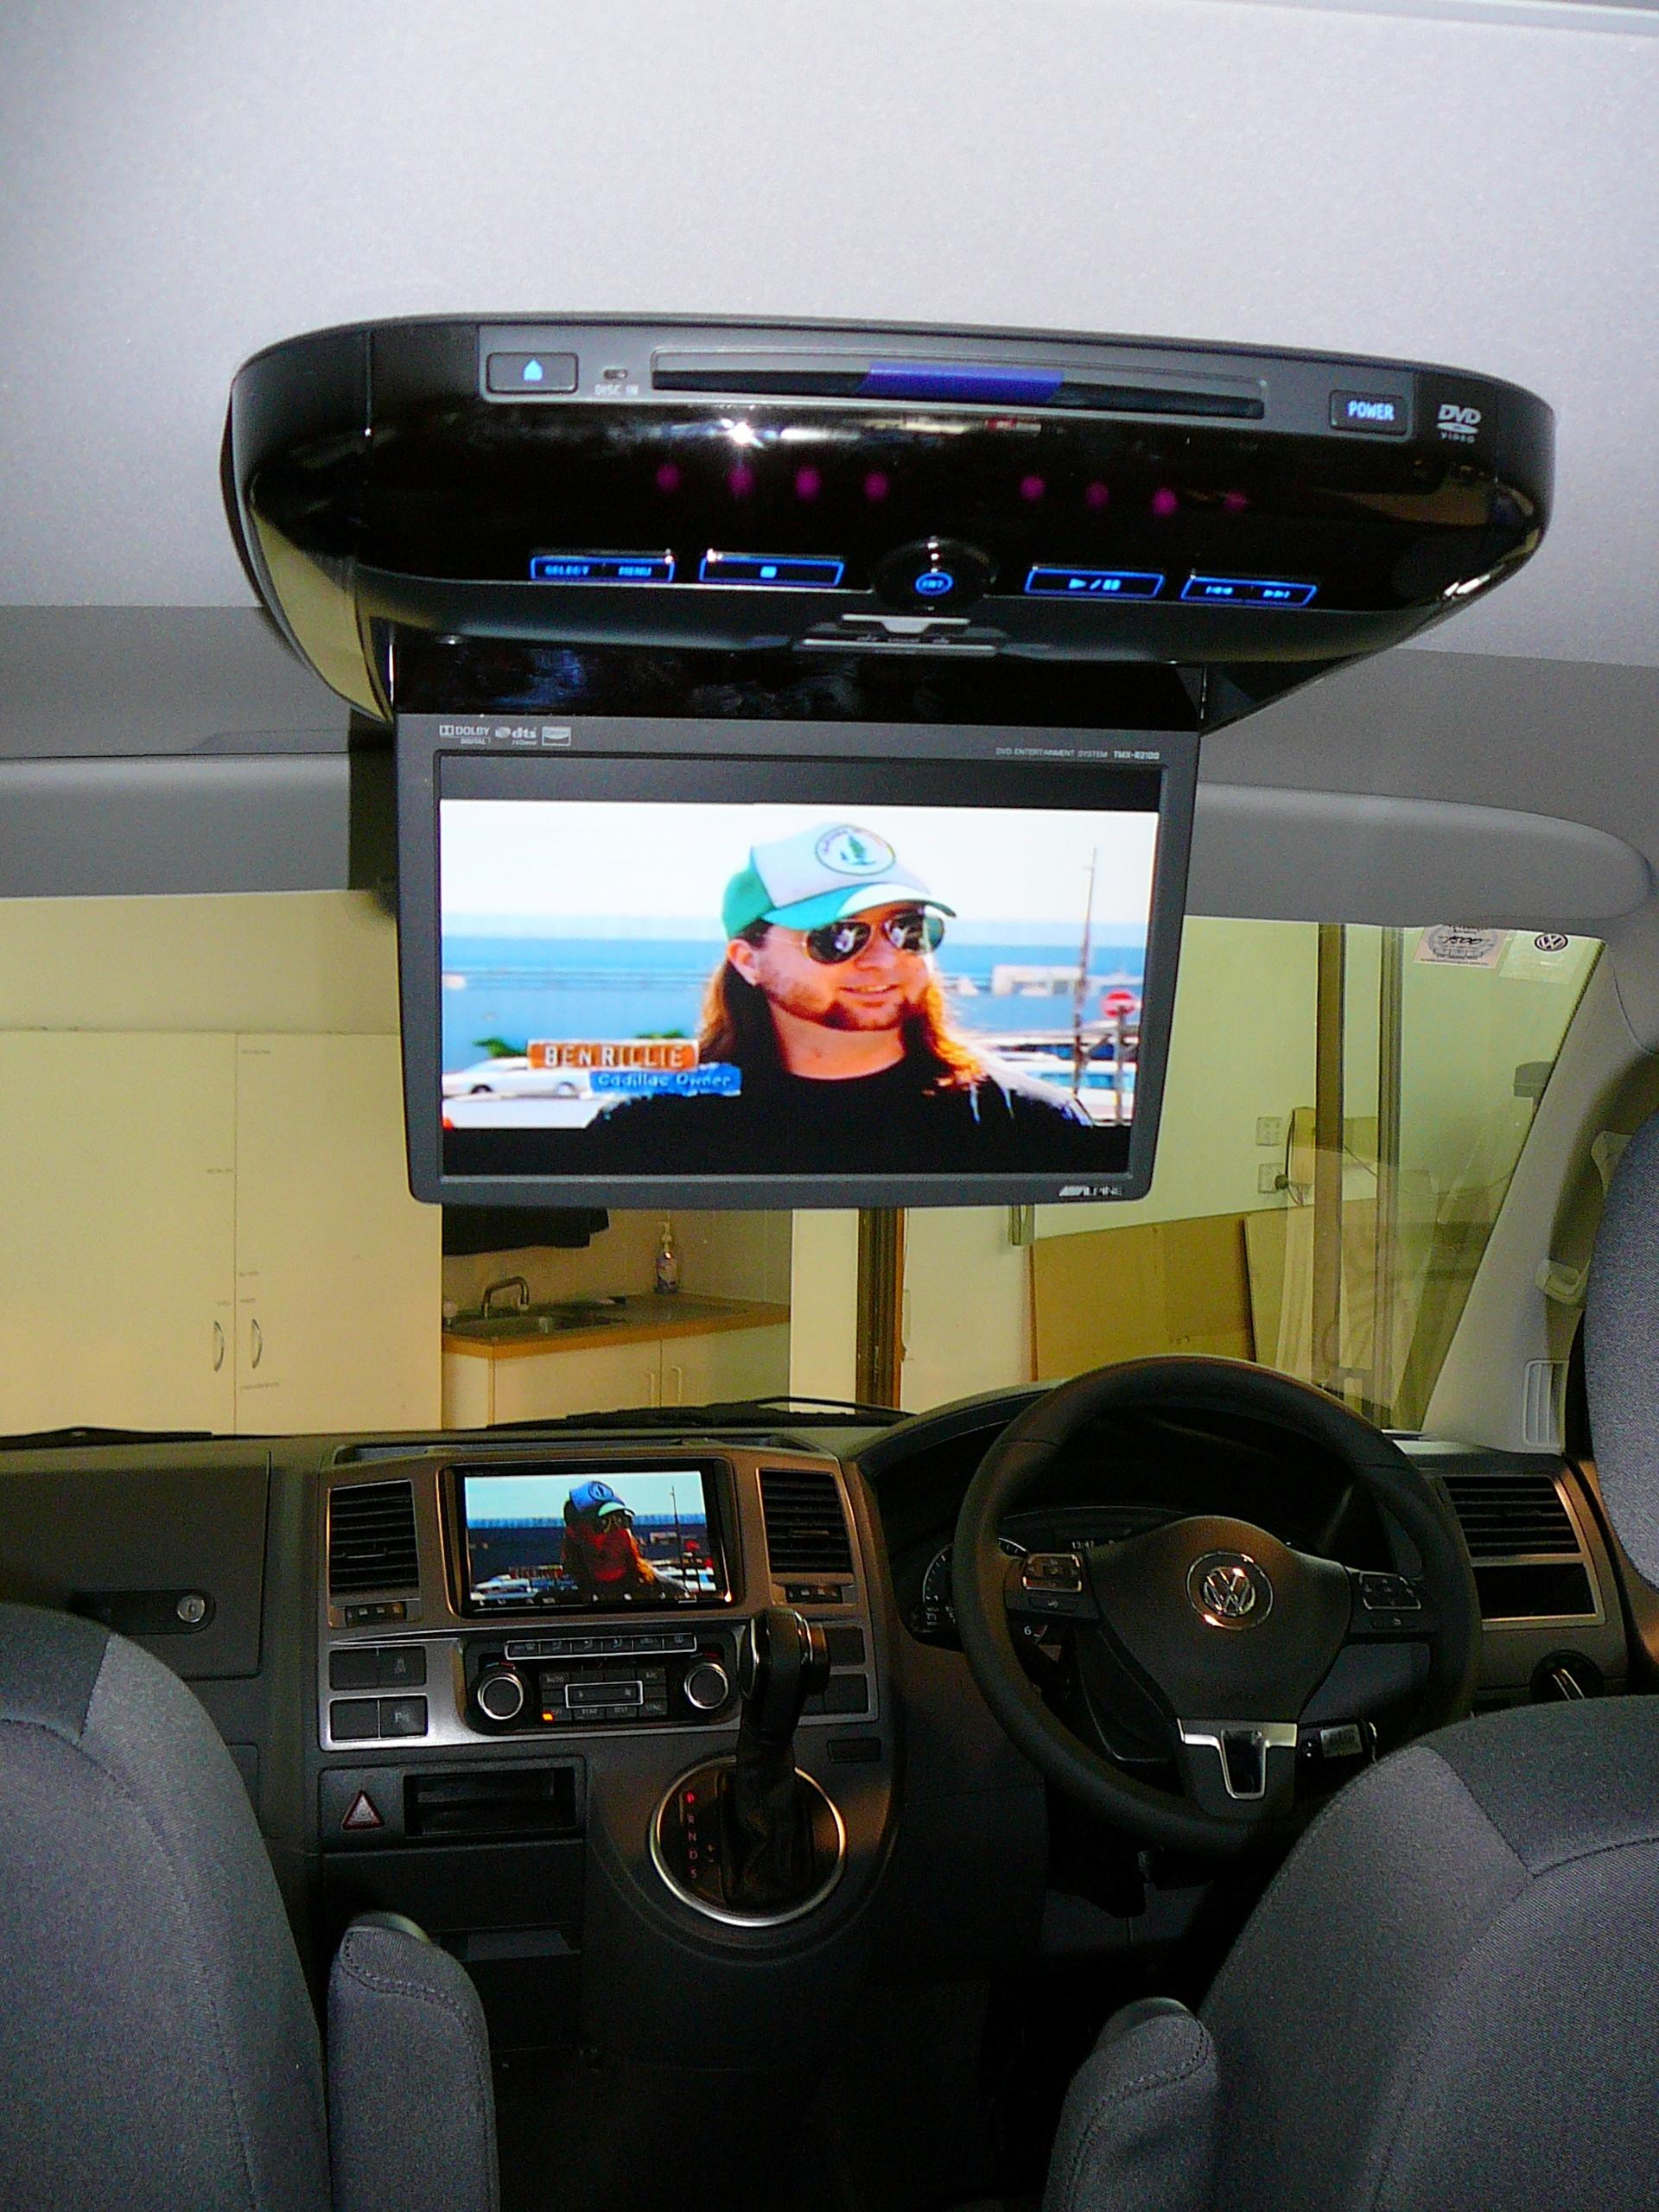 Volkswagen Multivan 2012, Alpine INE-Z928Ei GPS Navigation & Reverse Camera